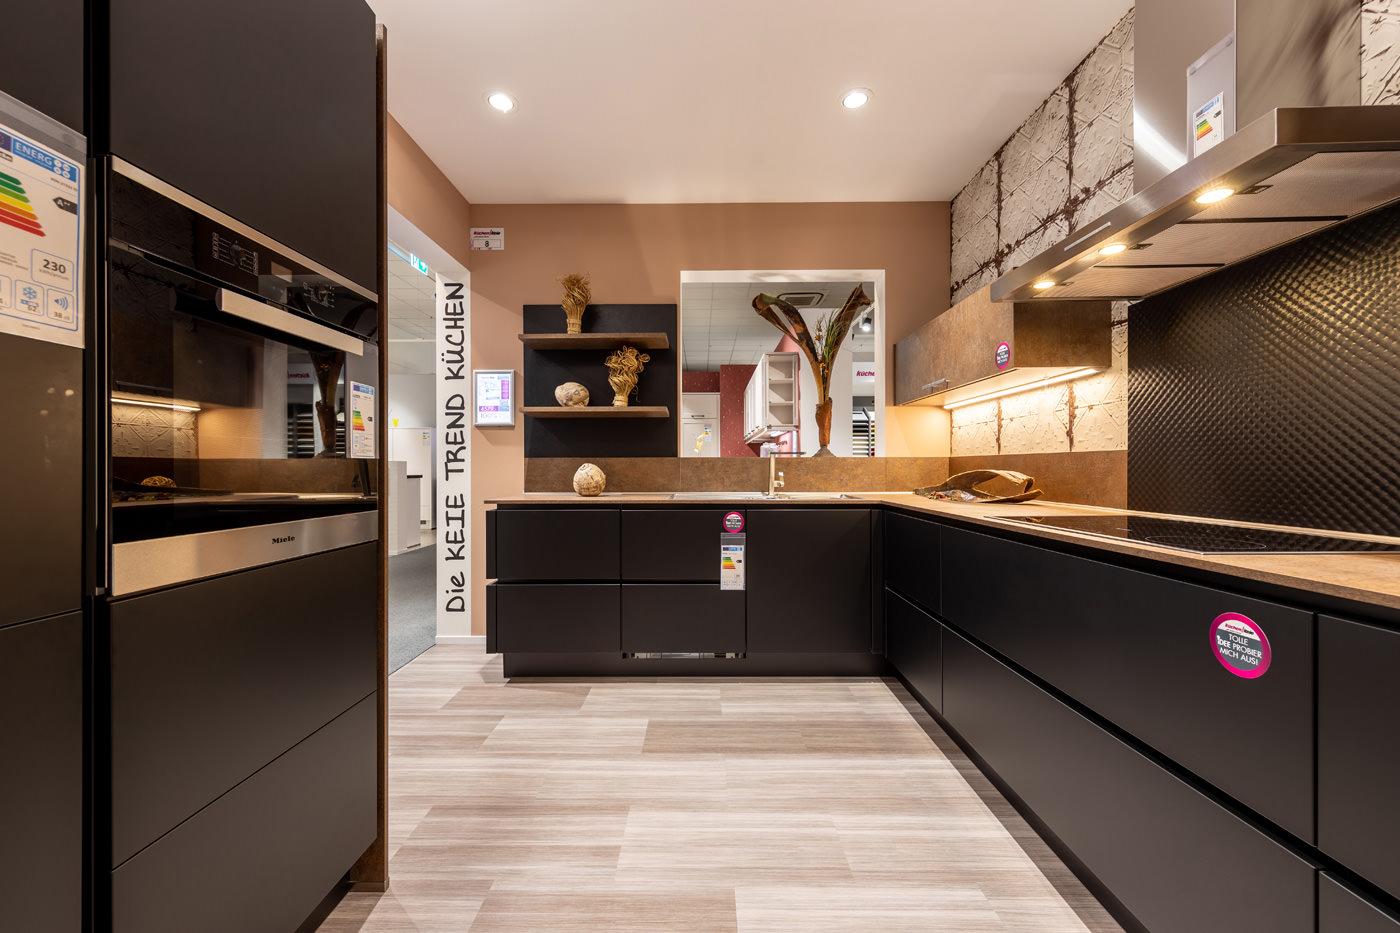 Küchen Keie Bad Kreuznach: Ihr Küchenexperte in Ihrer Nähe